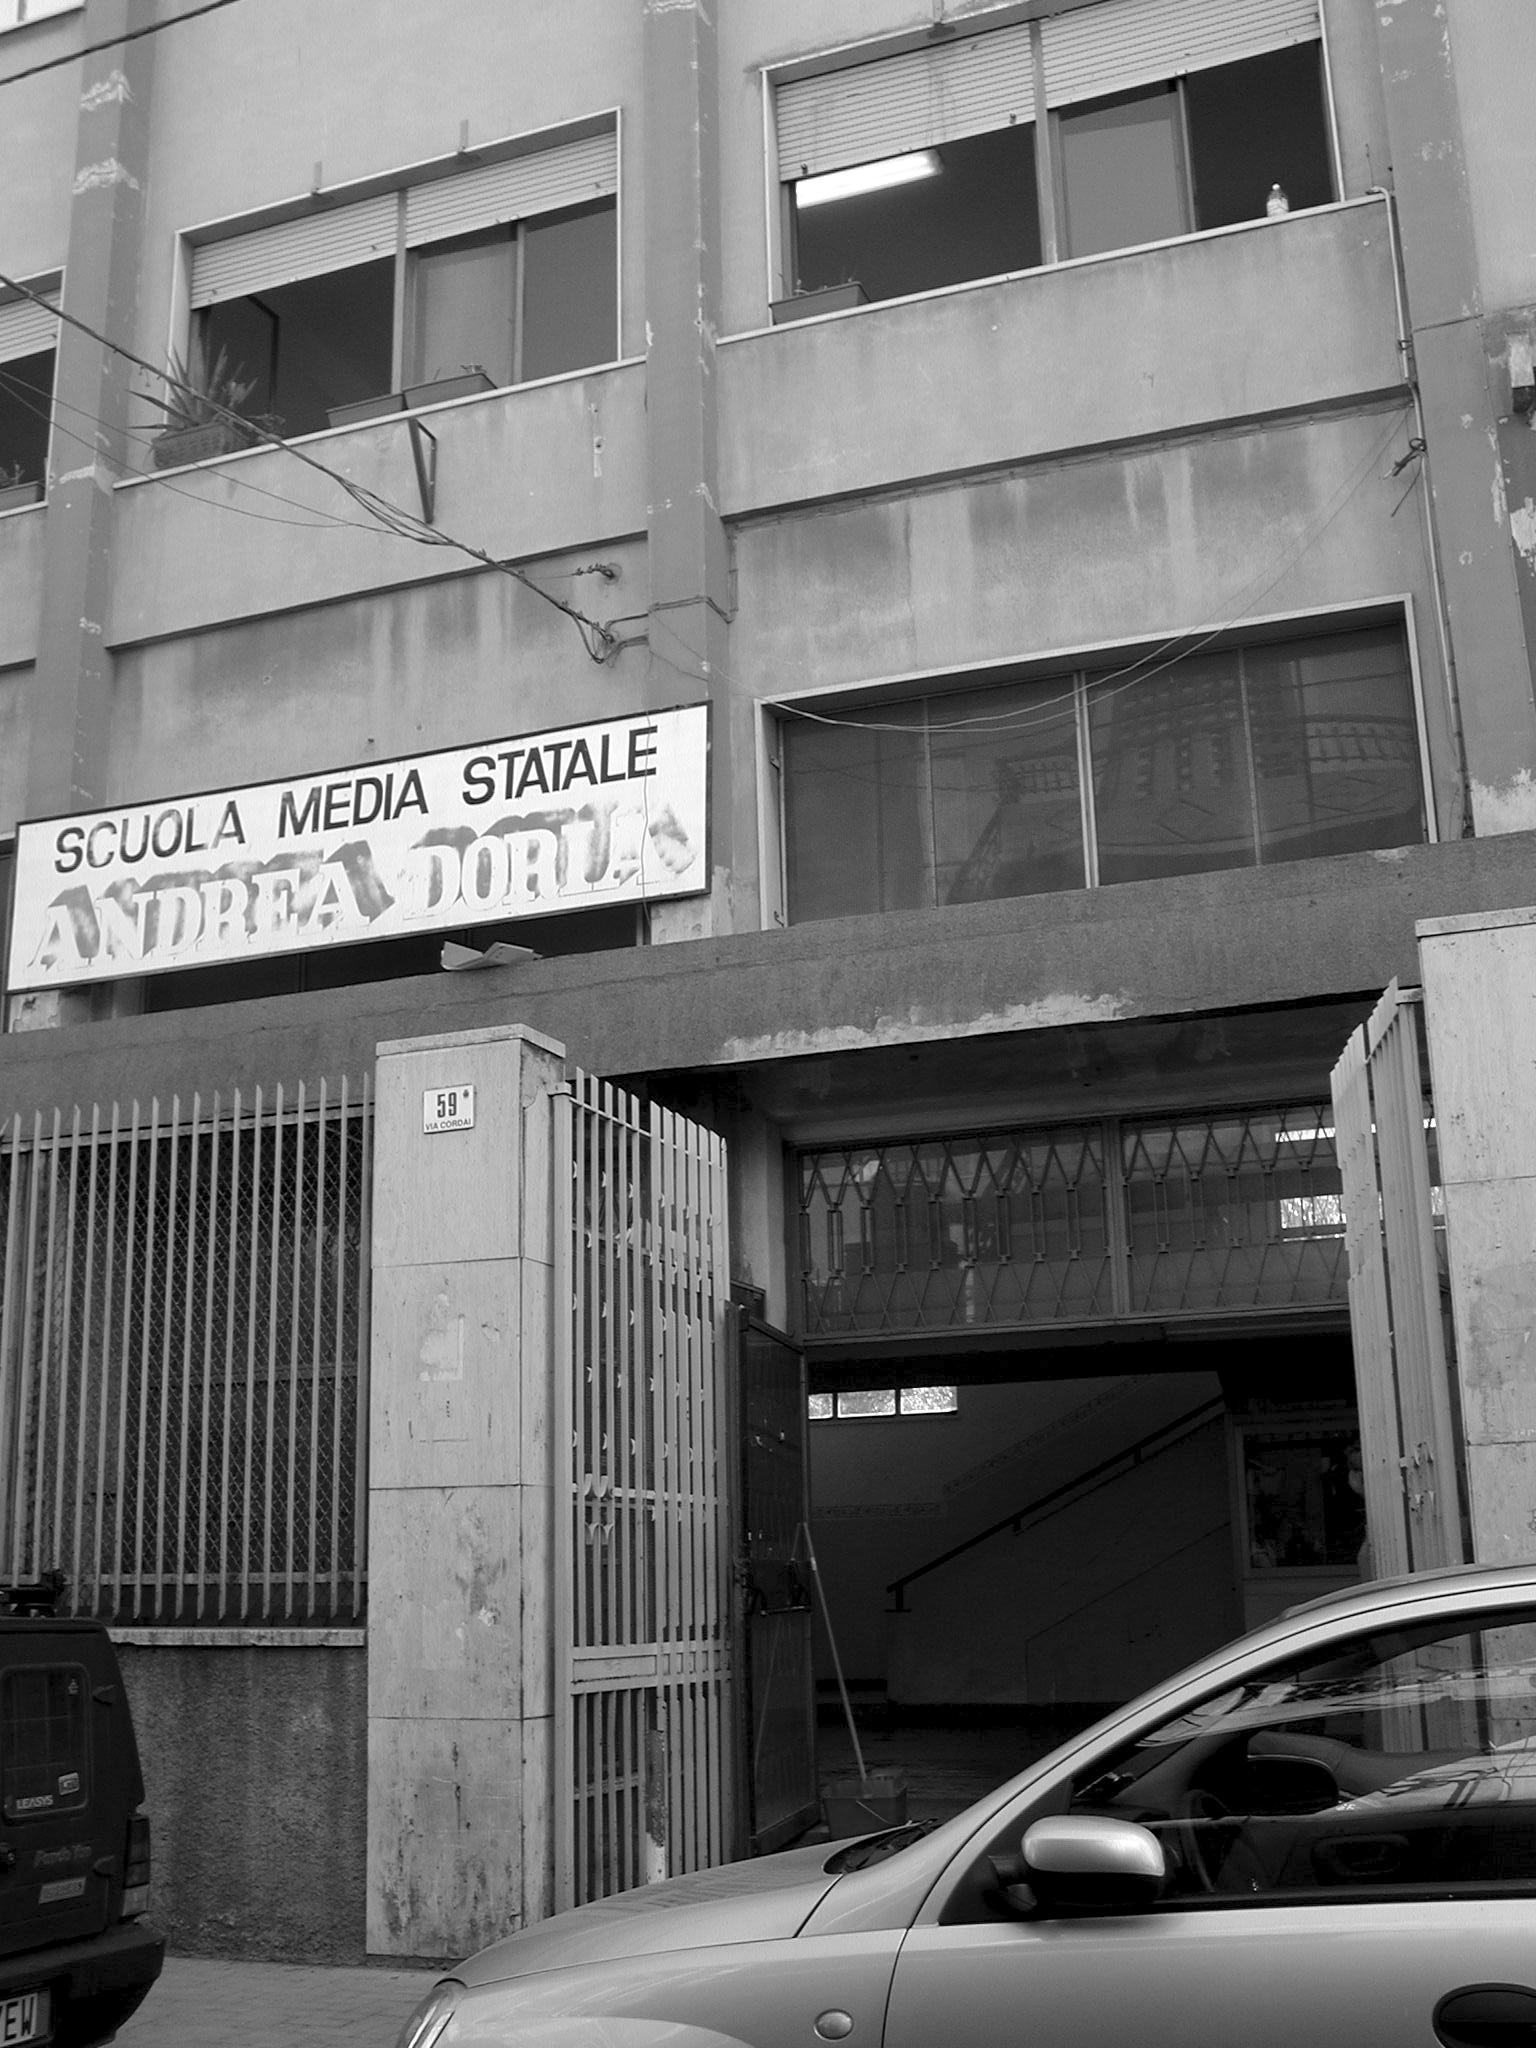 La scuola Andrea Doria  (foto Agenzia Liberaimmagine)